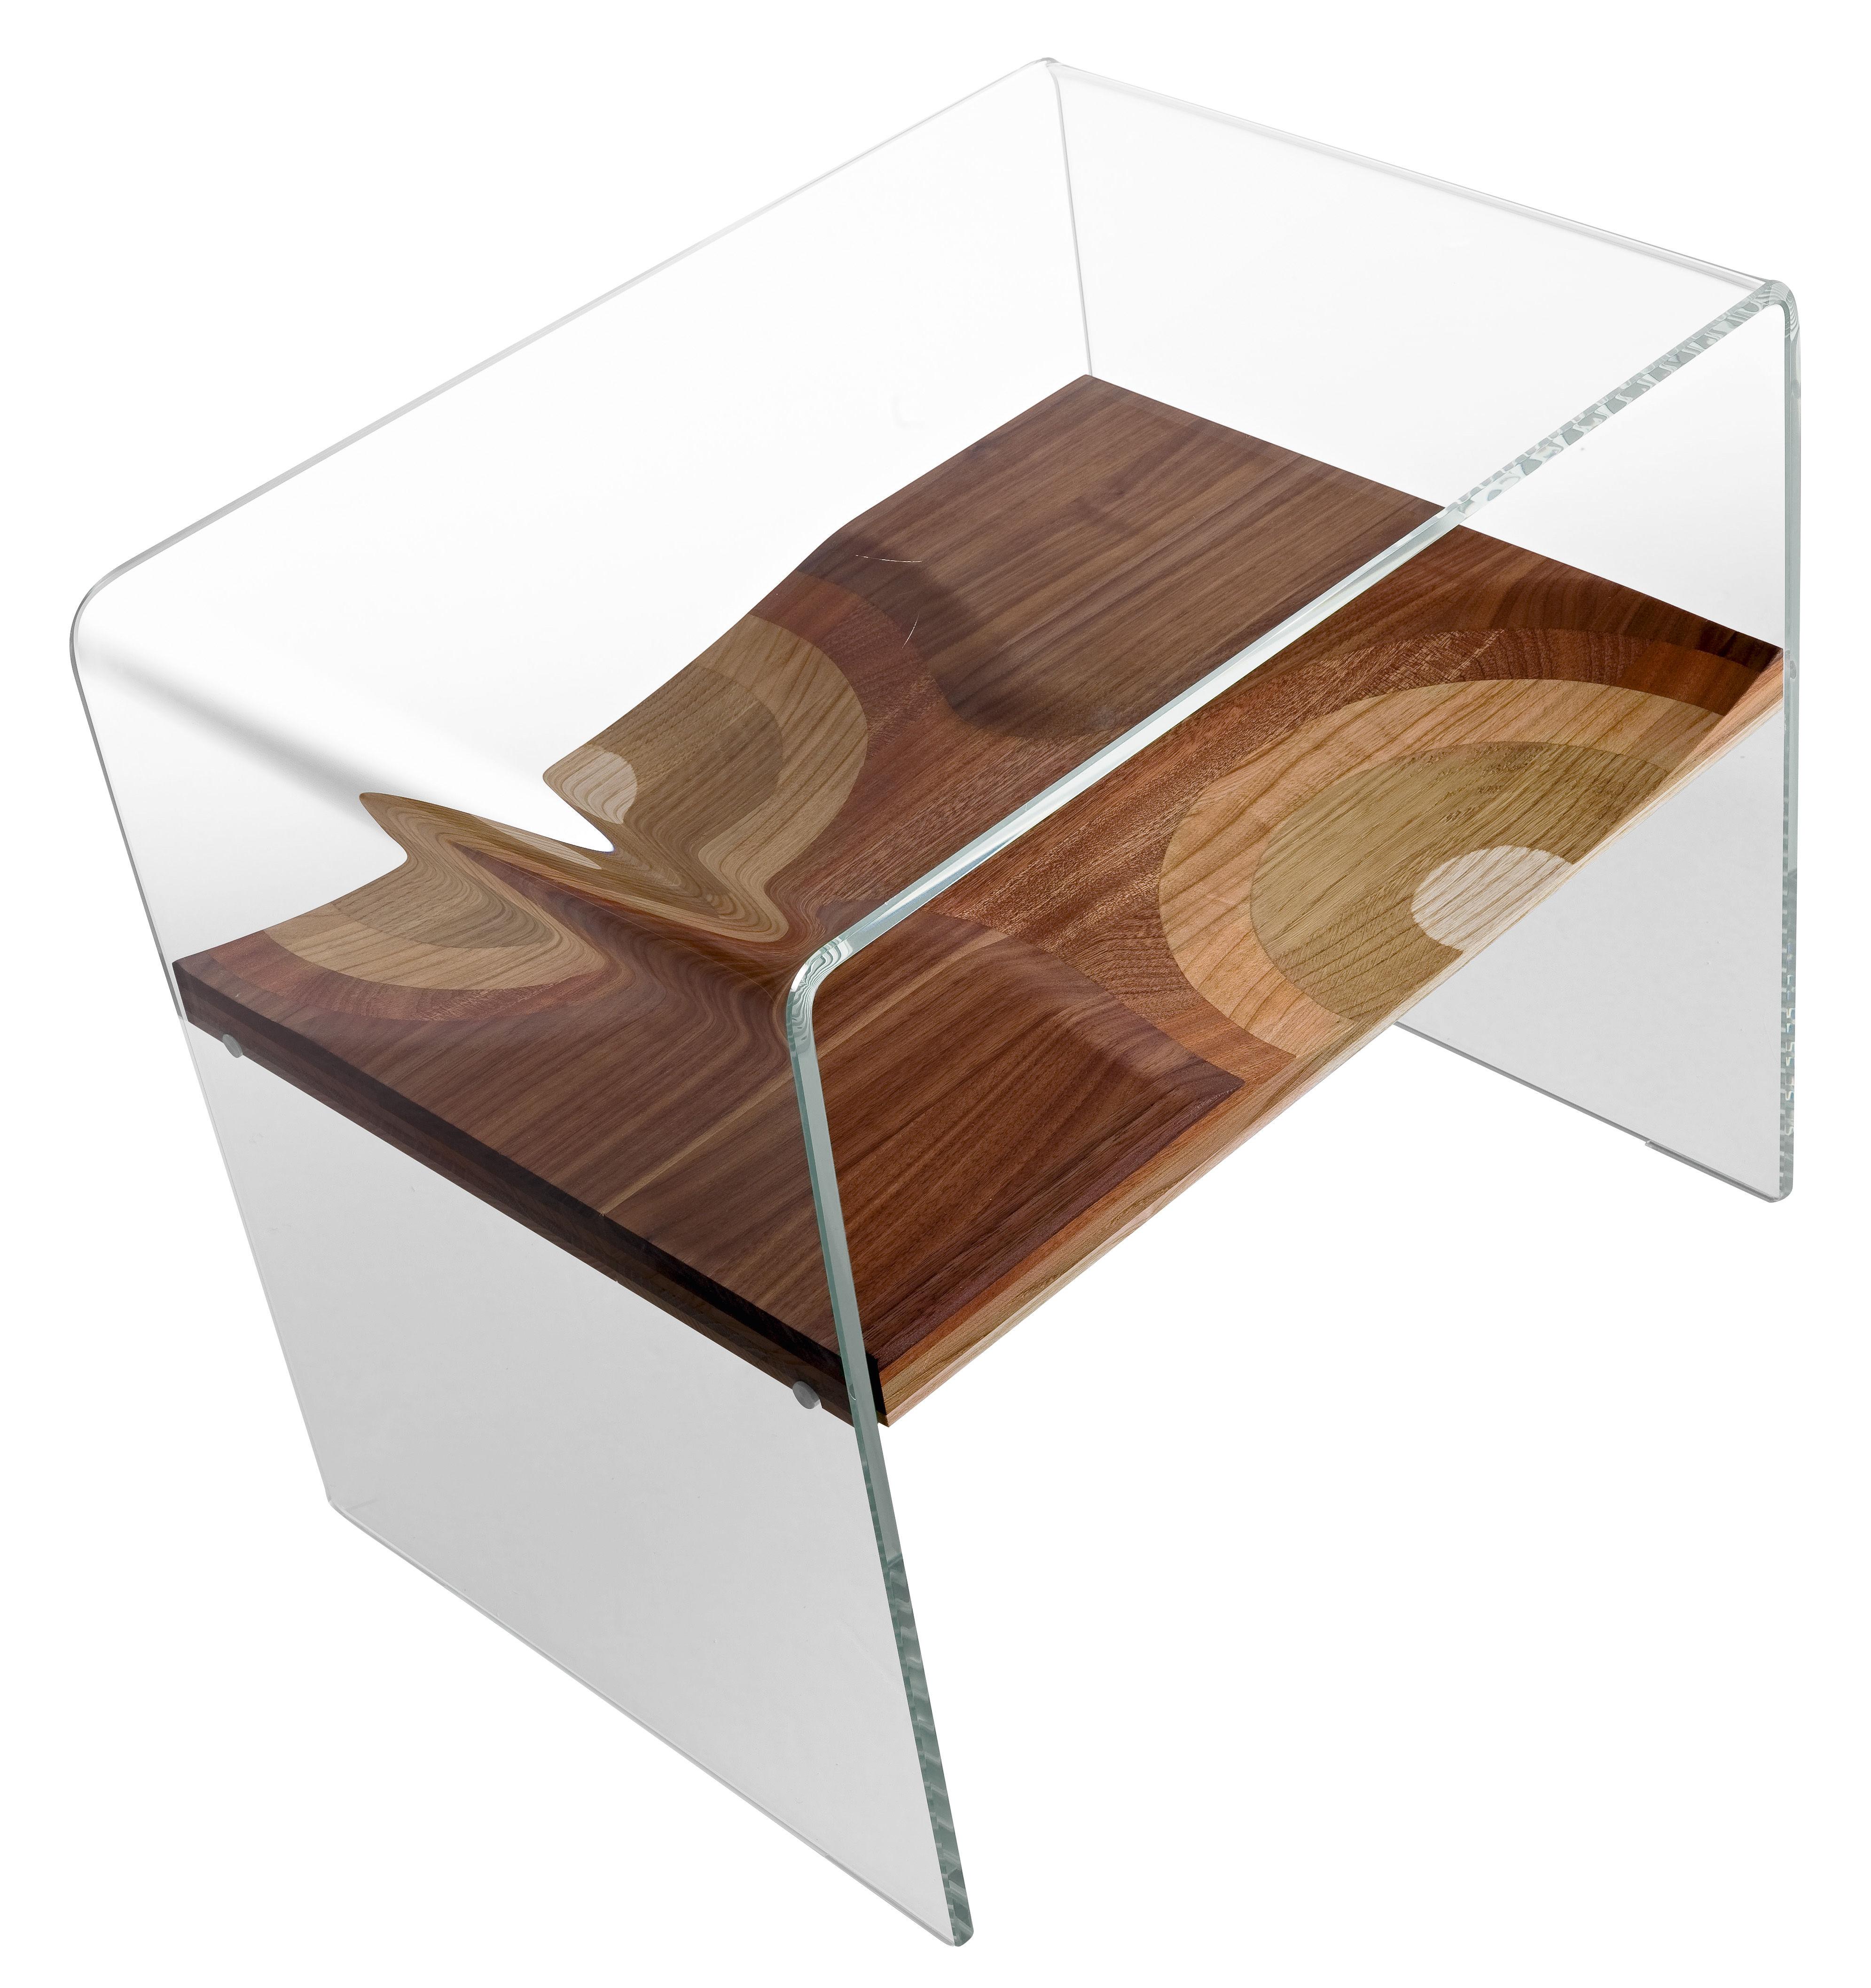 Arredamento - Comodini - Comodino Bifronte di Horm - Trasparente - laminato di legno, Vetro temprato